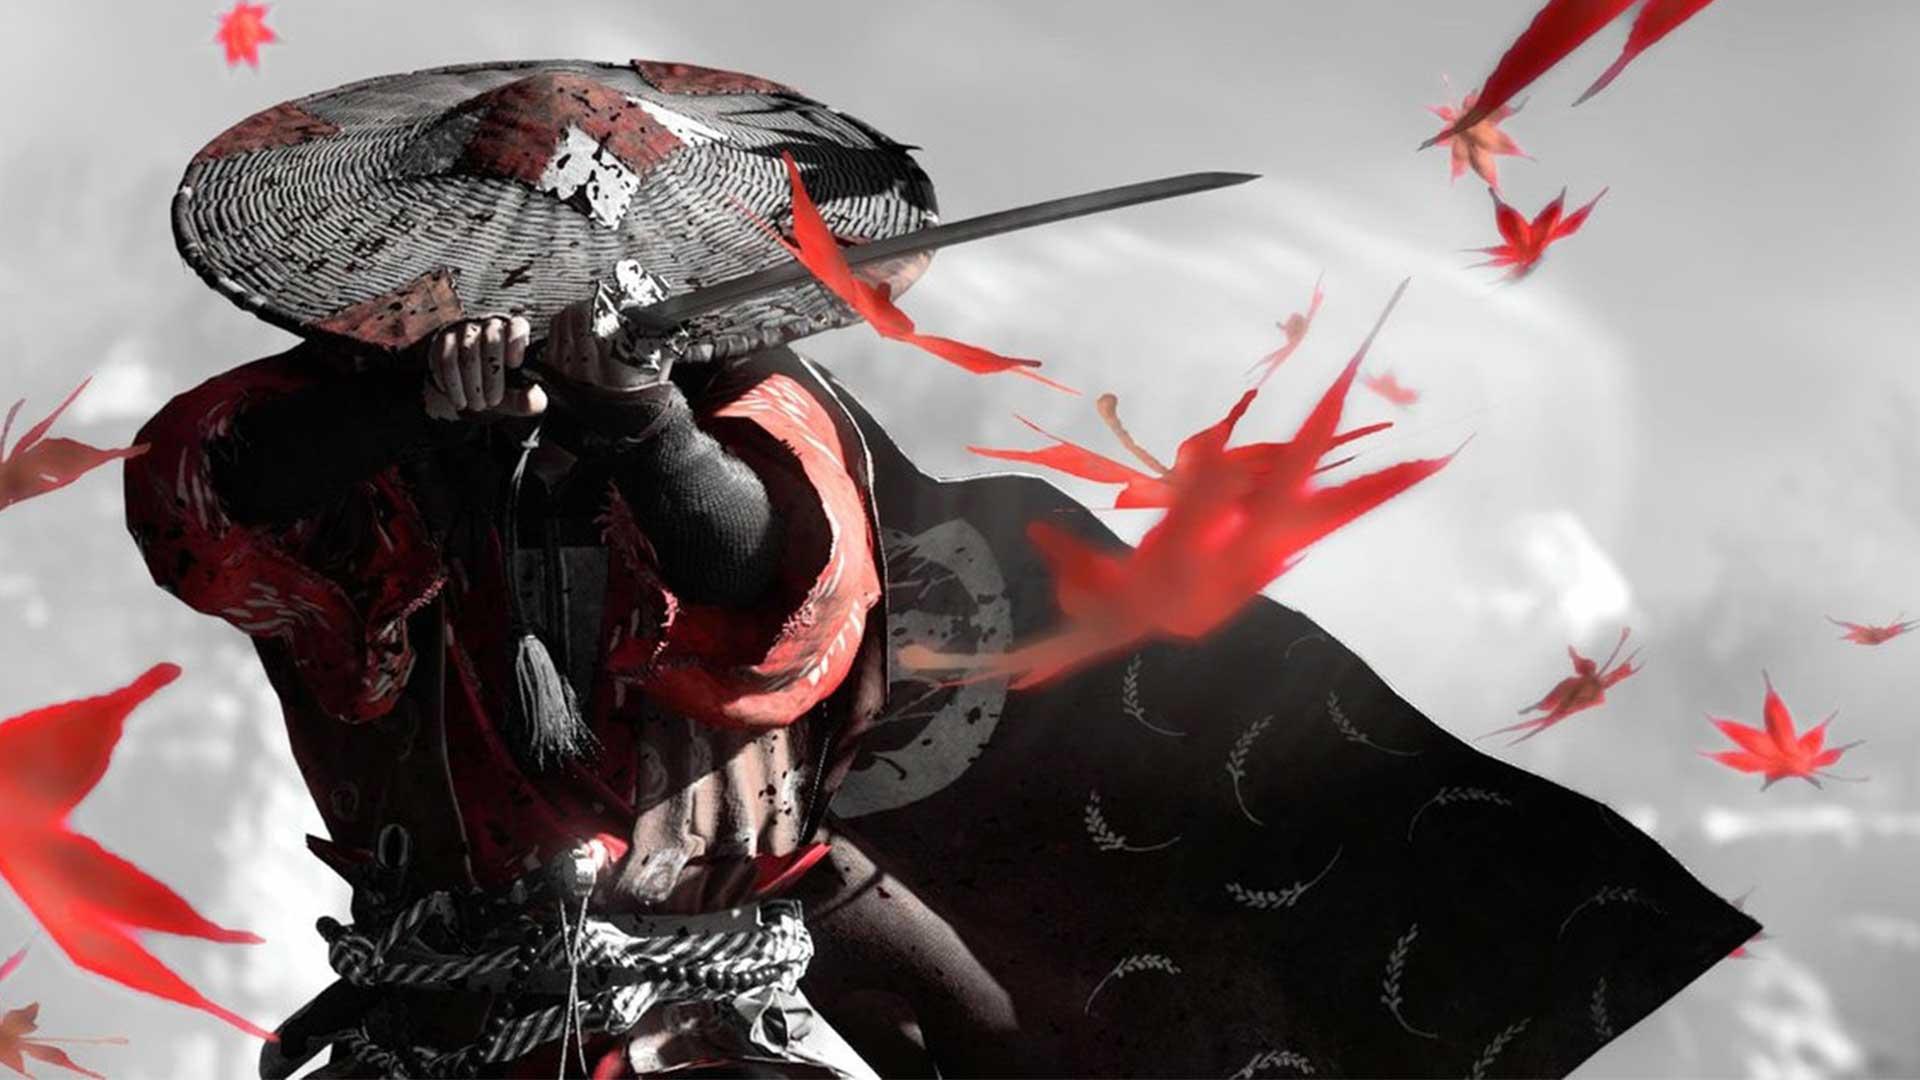 Боевой гайд Ghost Of Tsushima: 8 продвинутых советов для мастера-самурая